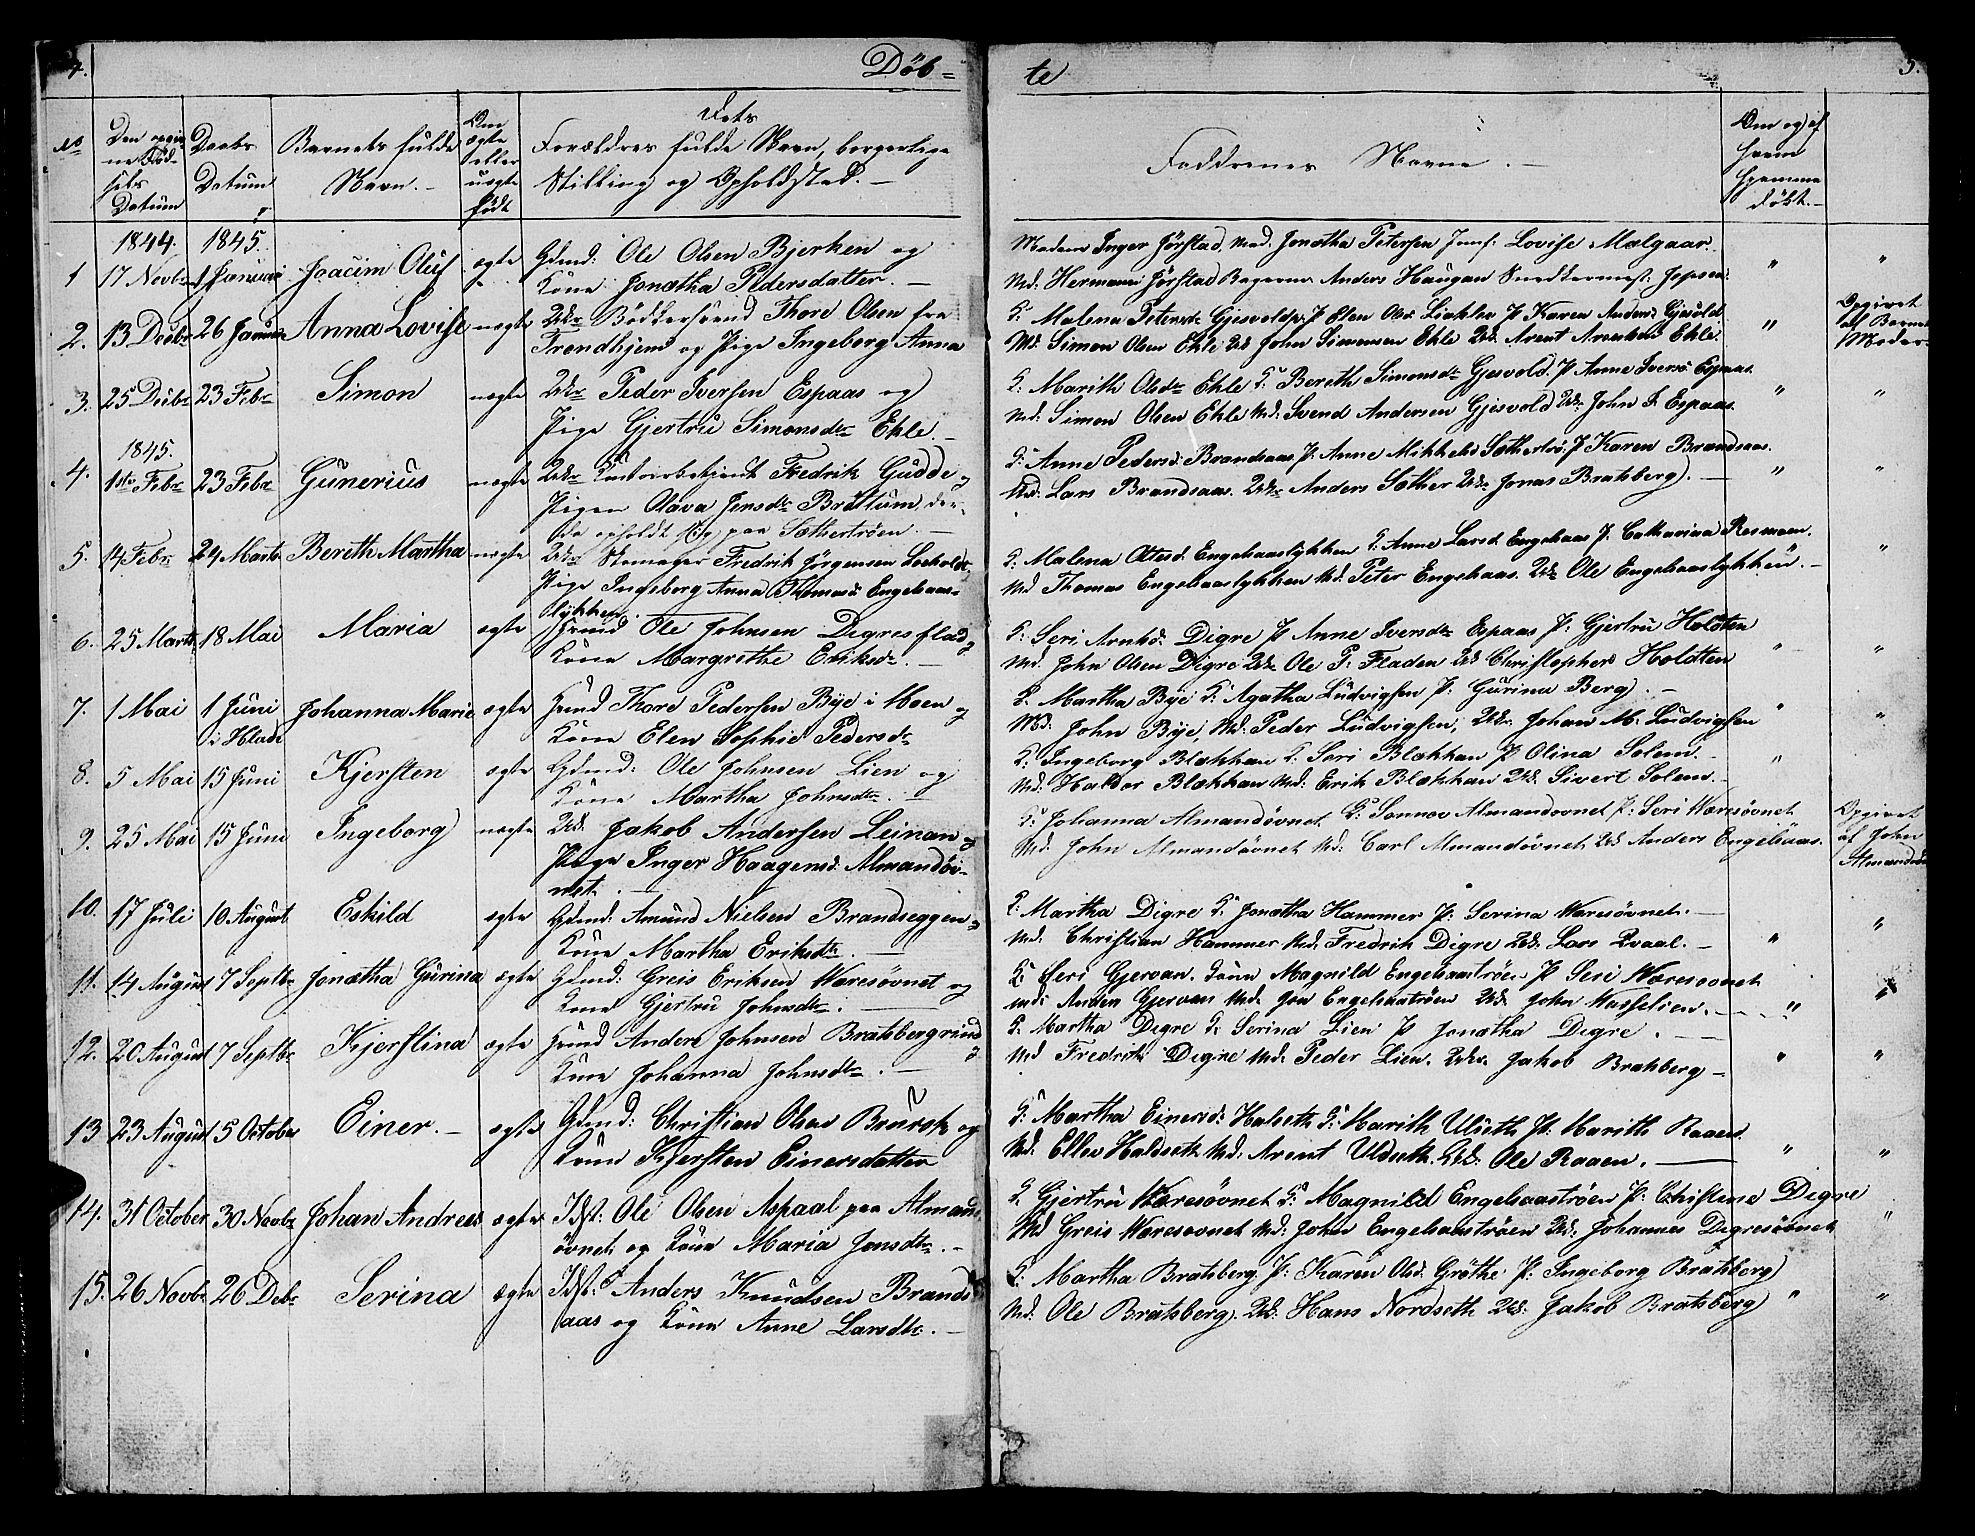 SAT, Ministerialprotokoller, klokkerbøker og fødselsregistre - Sør-Trøndelag, 608/L0339: Klokkerbok nr. 608C05, 1844-1863, s. 4-5